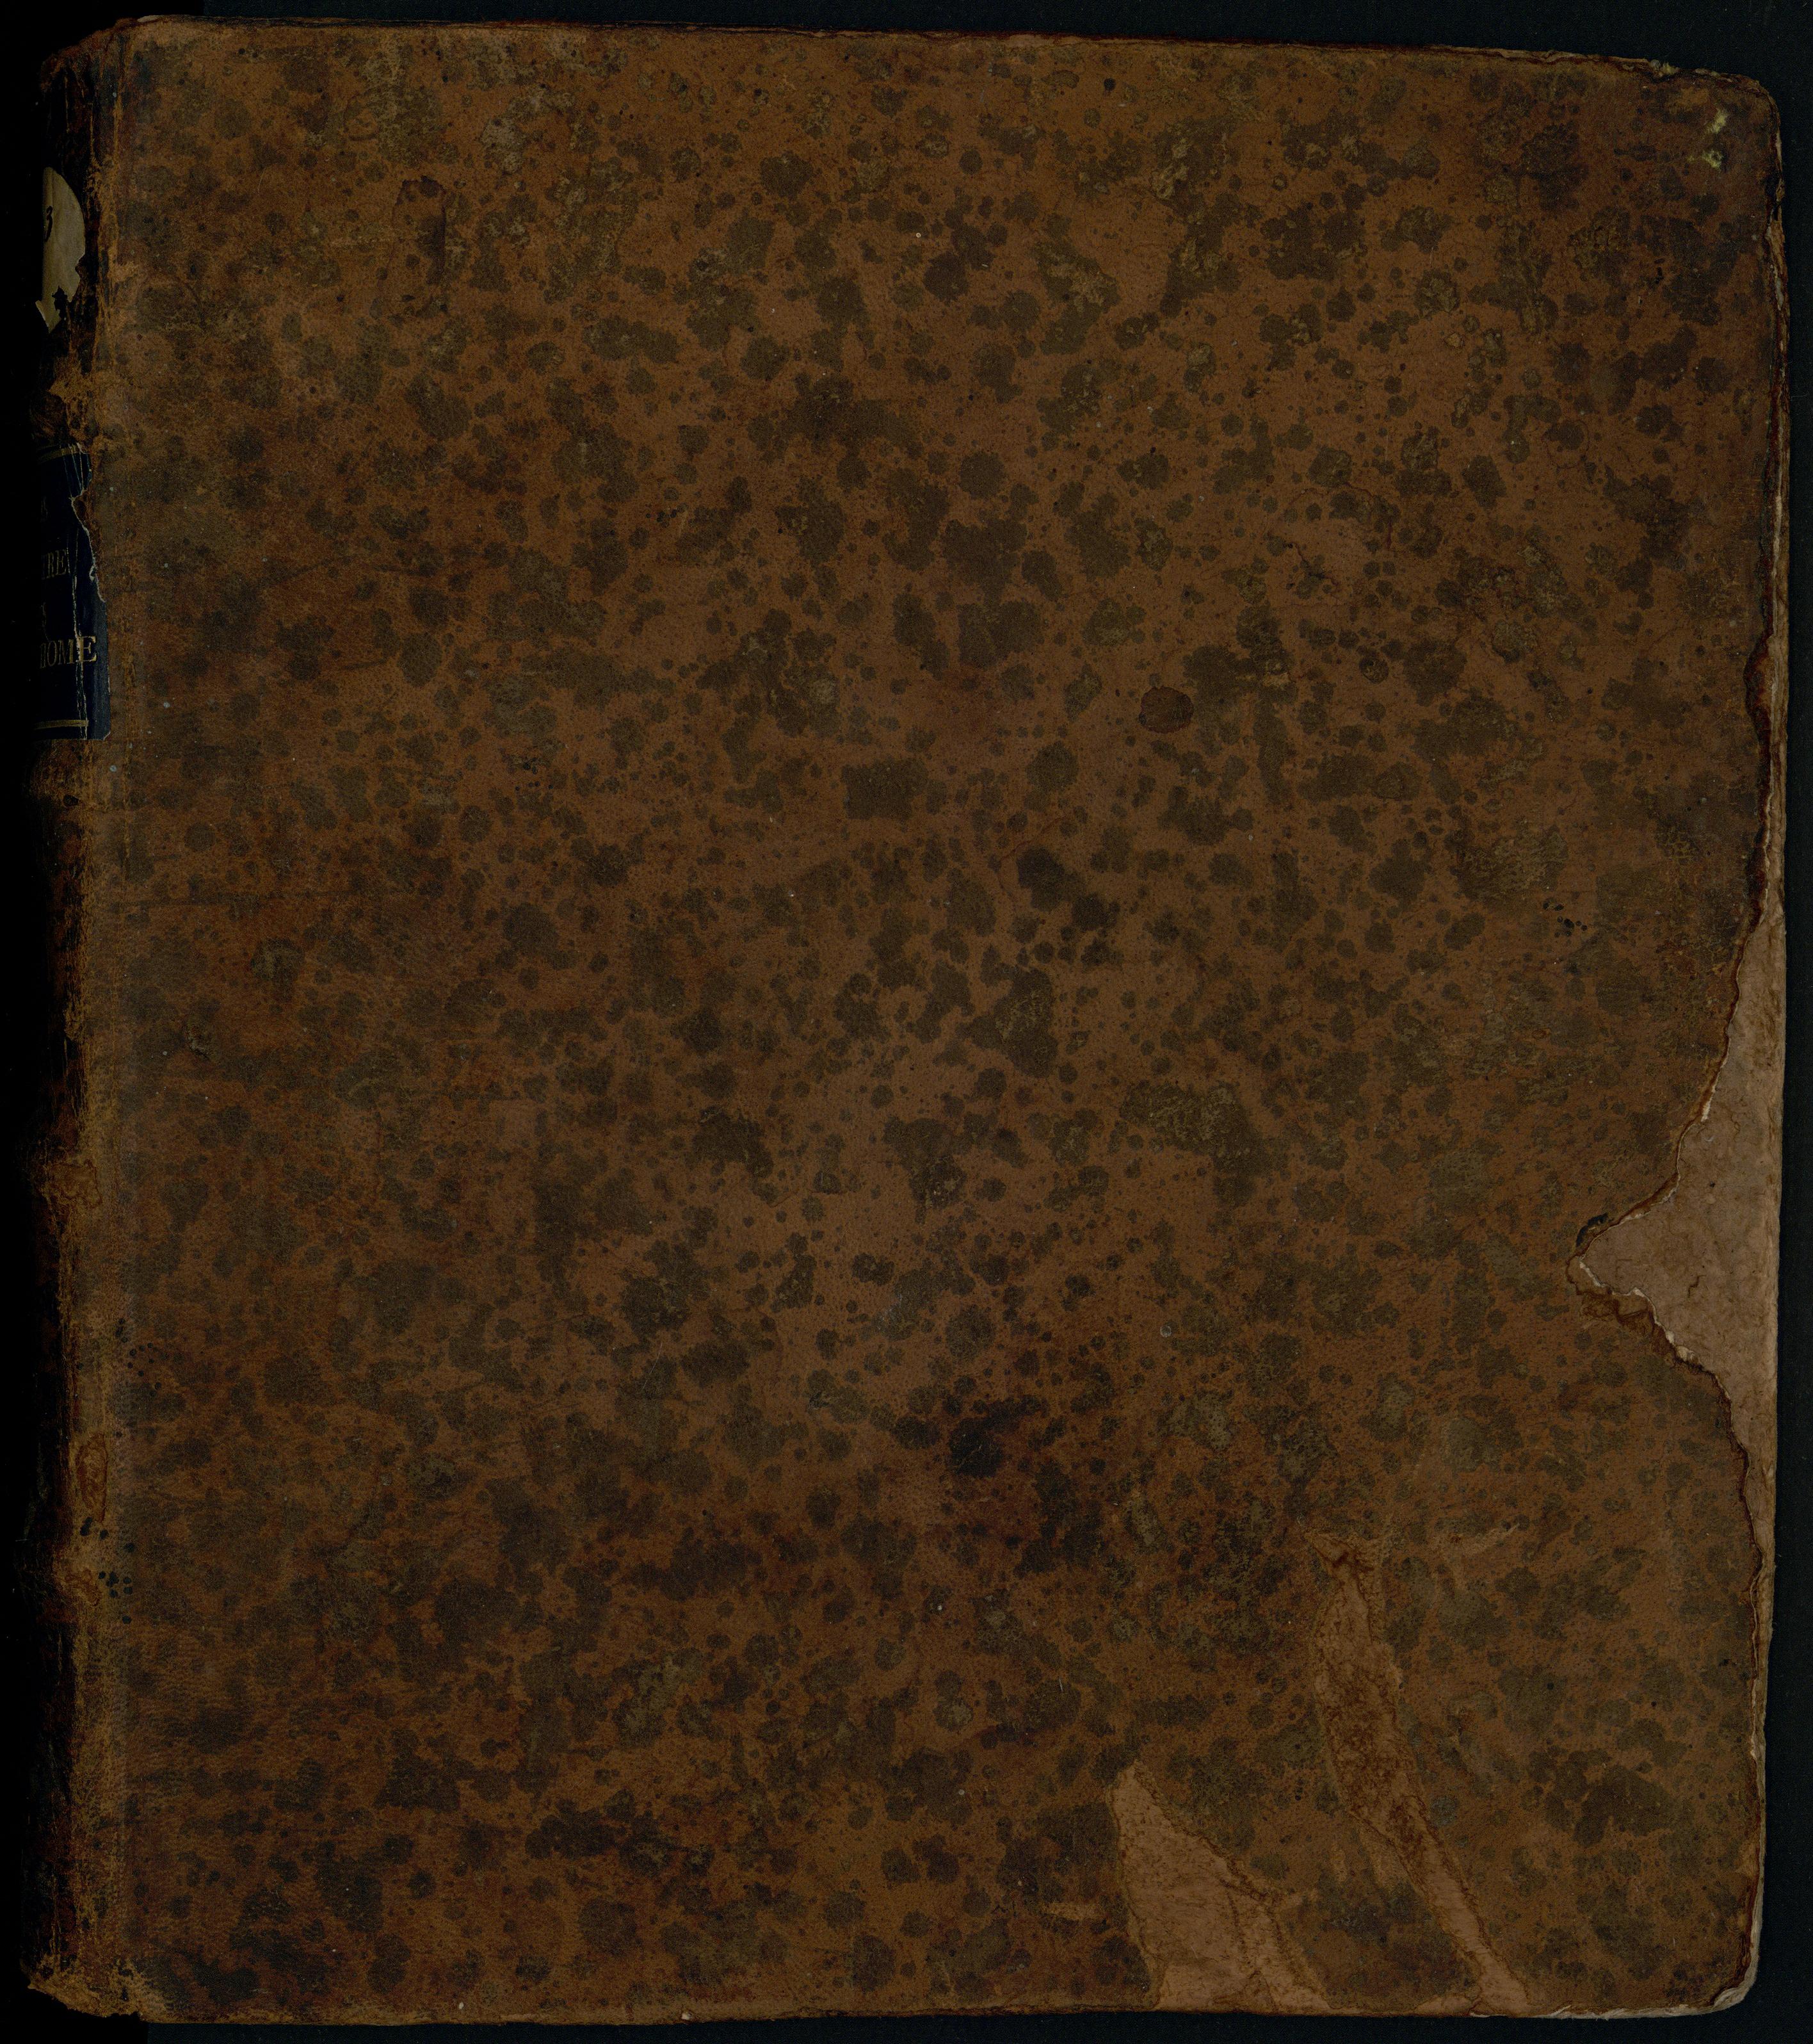 FRB810046101_Roch-Ms-93_00001_B.jpg